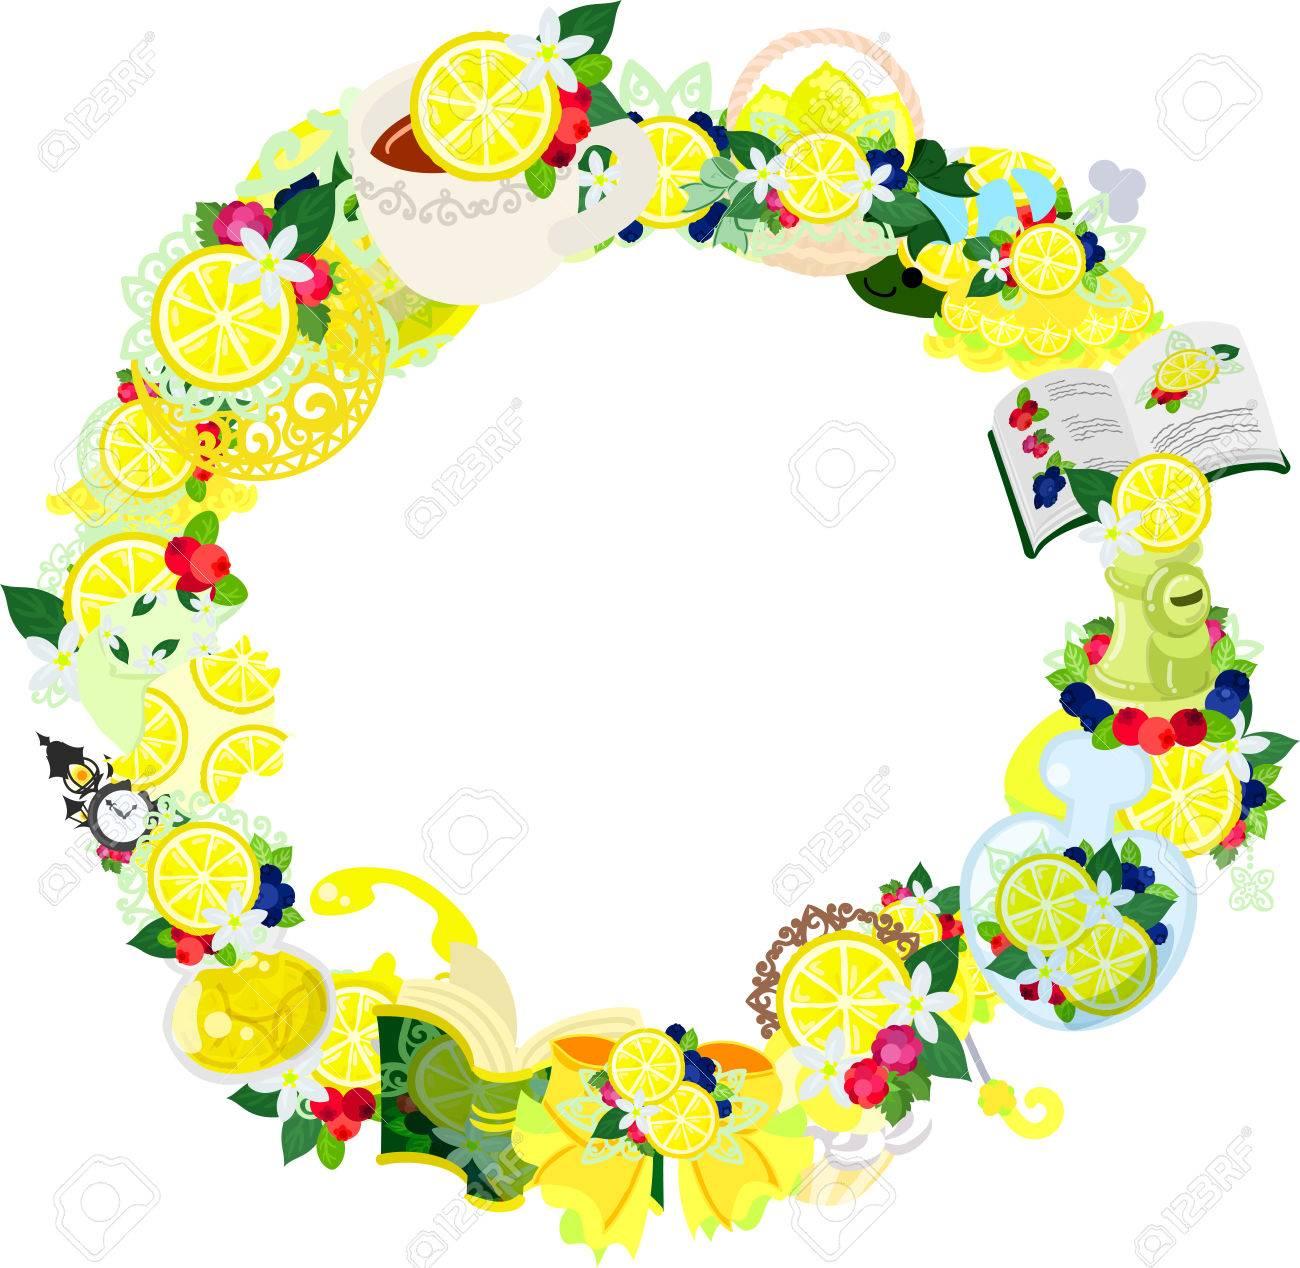 レモンの様々 な雑貨を作られているフレーム ロイヤリティフリークリップ